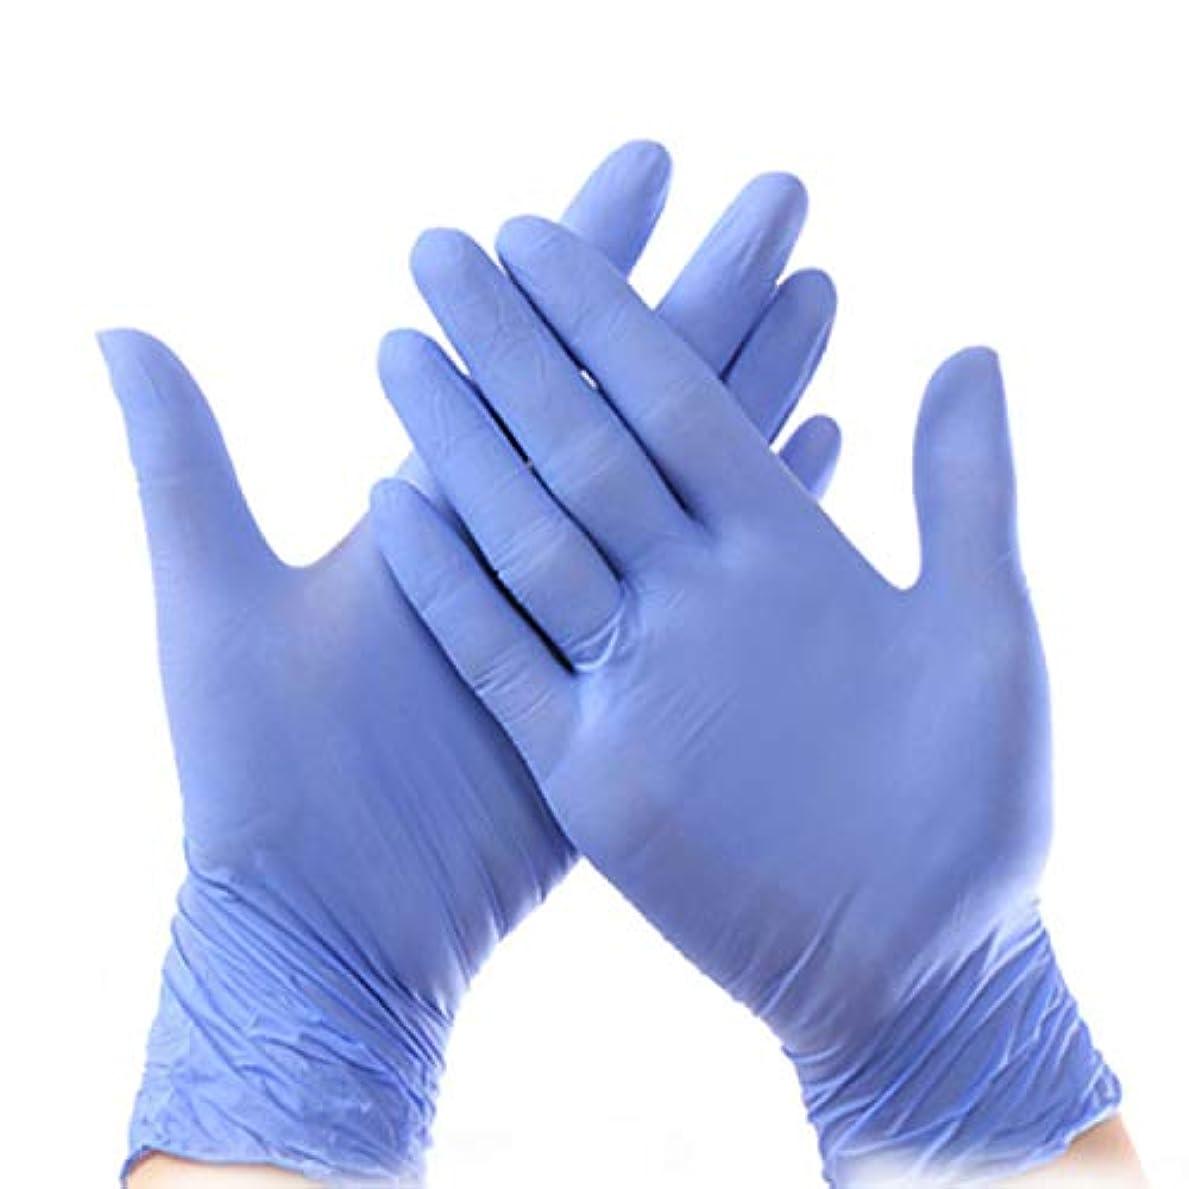 クロール予約ディスパッチ使い捨て手袋 ニトリル工業用手袋、パウダーフリー、使い捨て食品安全、パープル、ラテックスフリー、100個入り ニトリルゴム手袋 (Color : Purple, Size : S)